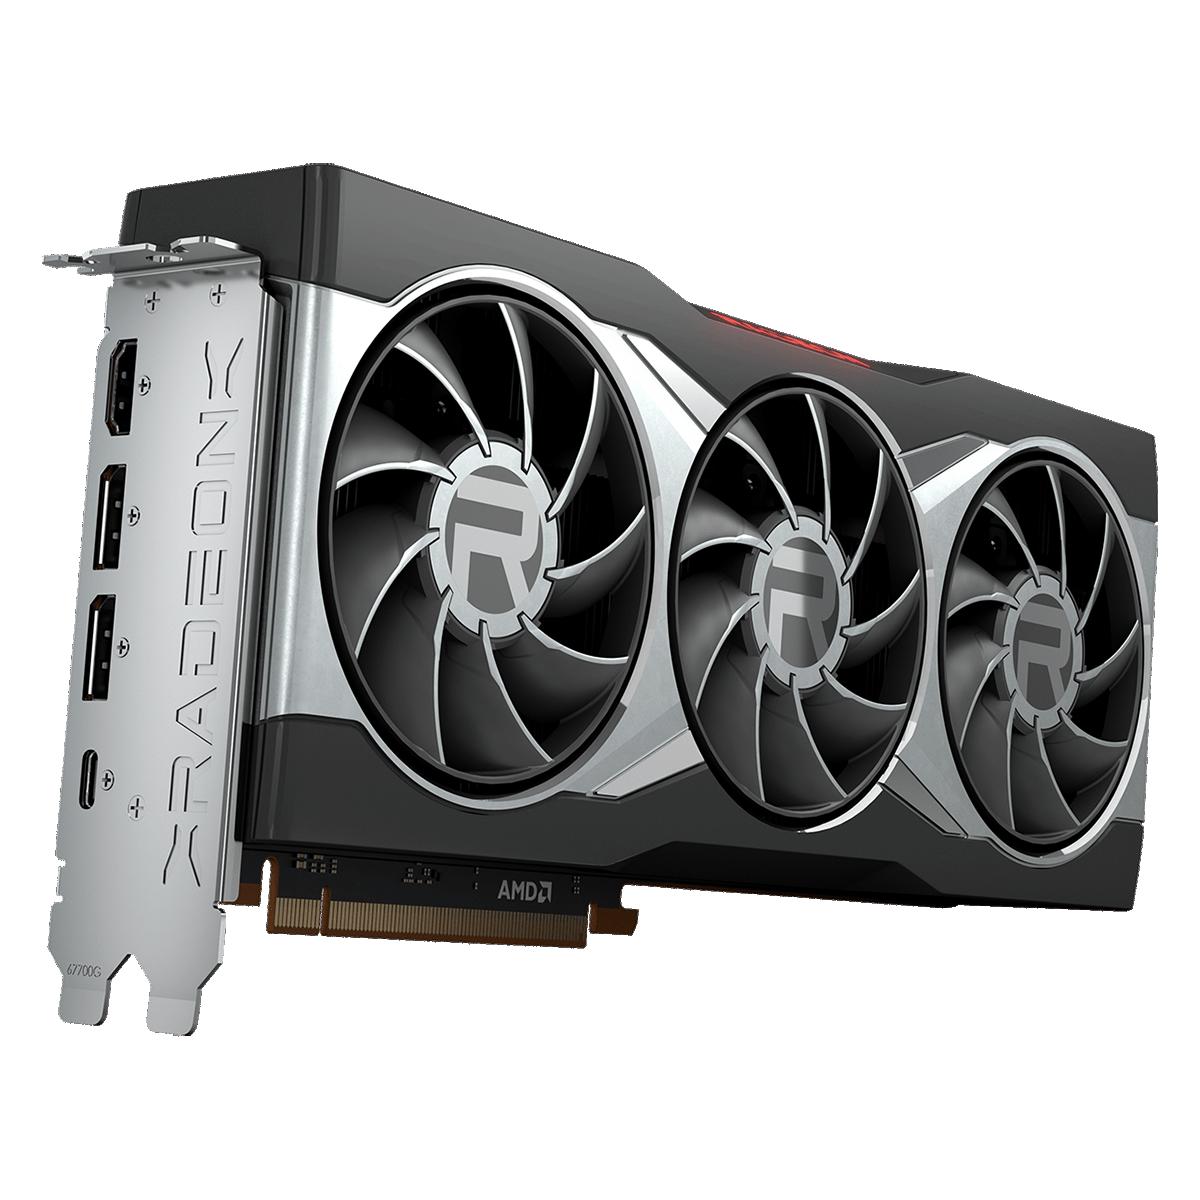 Placa de Vídeo ASUS Radeon RX 6800 XT 16GB, GDDR6. 256 Bit, RX6800XT-16G